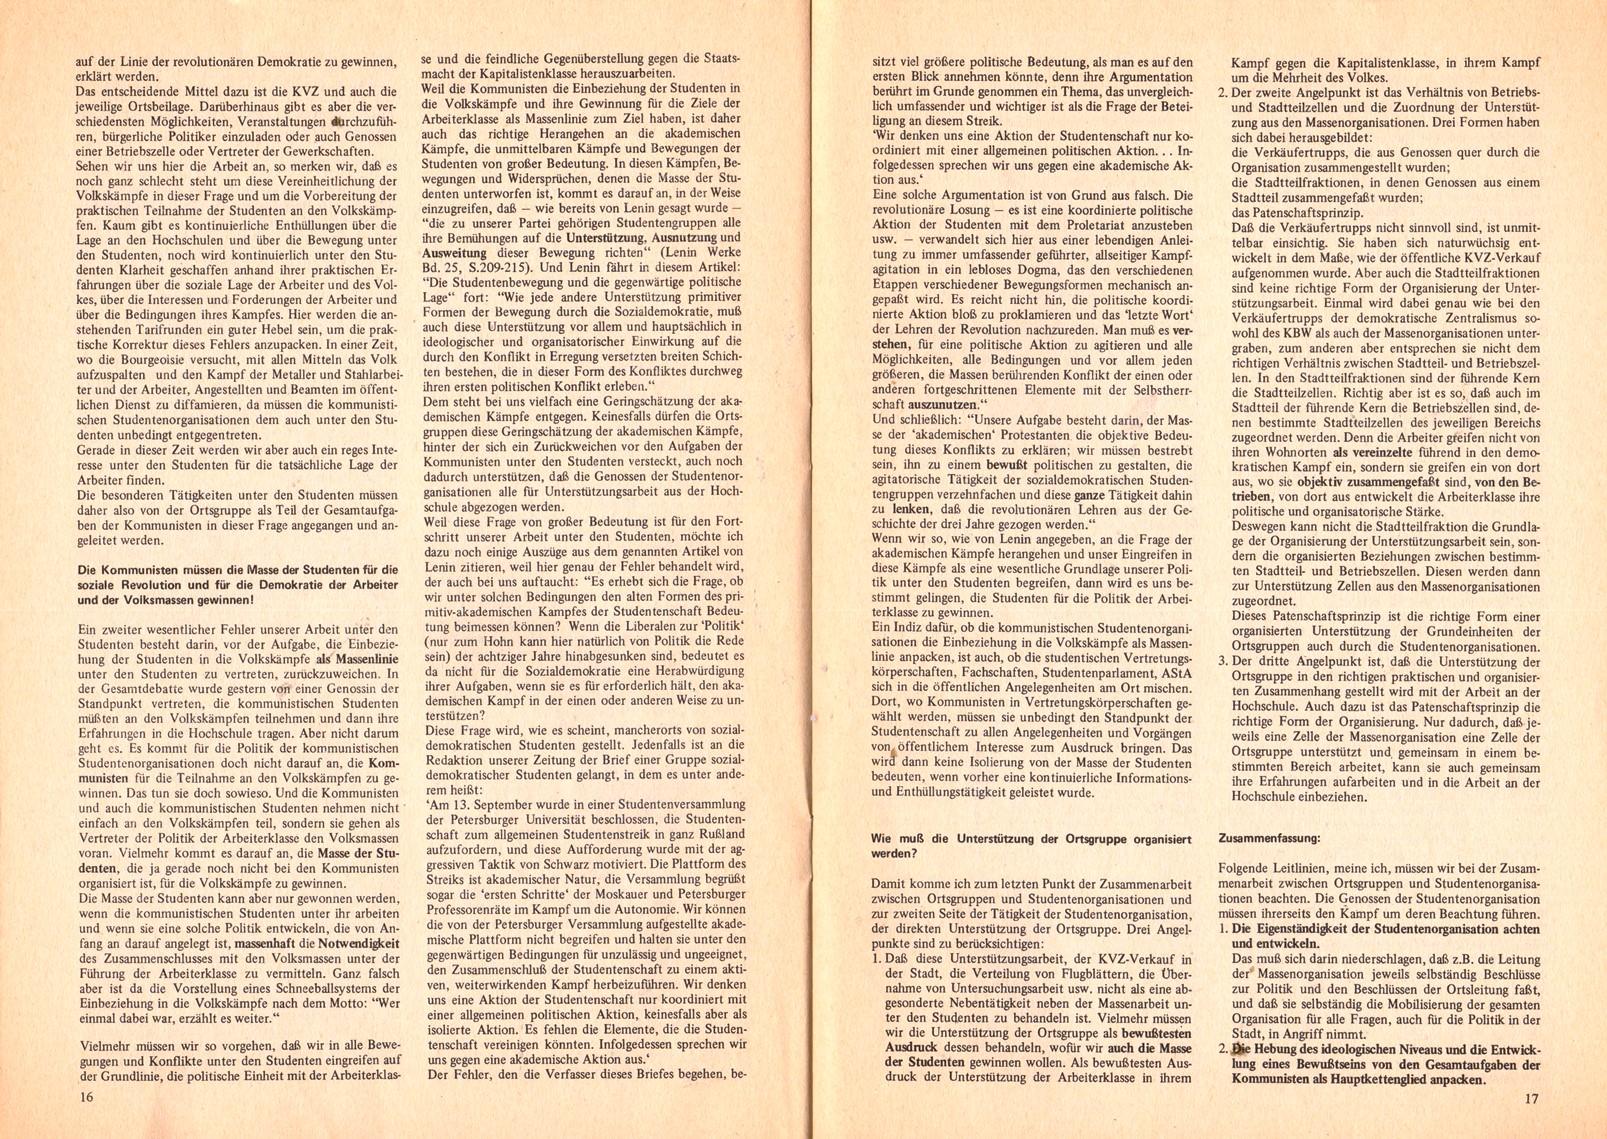 KBW_1974_Aufgaben_der_kommunistischen_Studenten_09